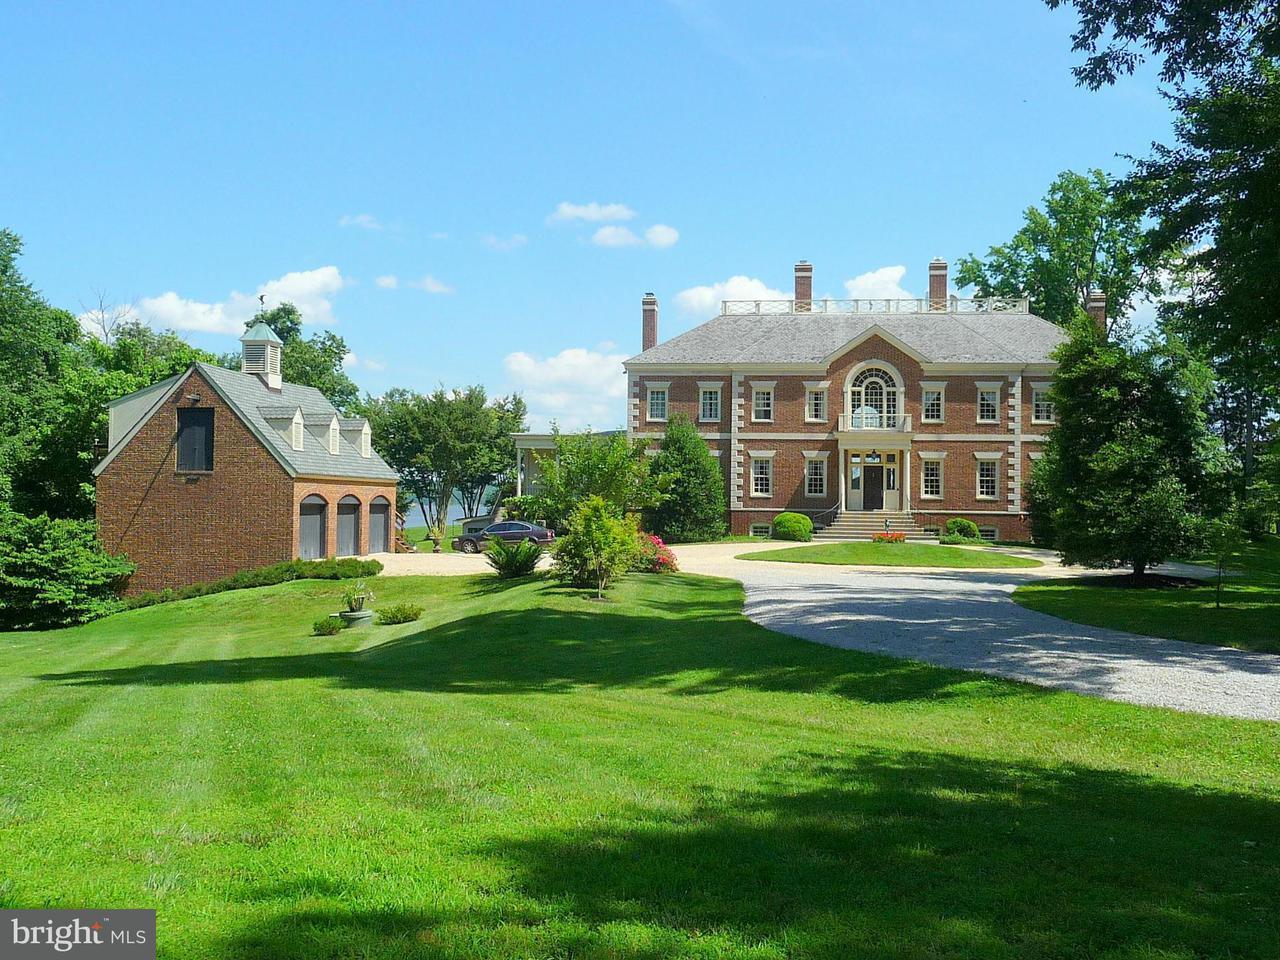 Частный односемейный дом для того Продажа на 11521 POTOMAC Road 11521 POTOMAC Road Lorton, Виргиния 22079 Соединенные Штаты